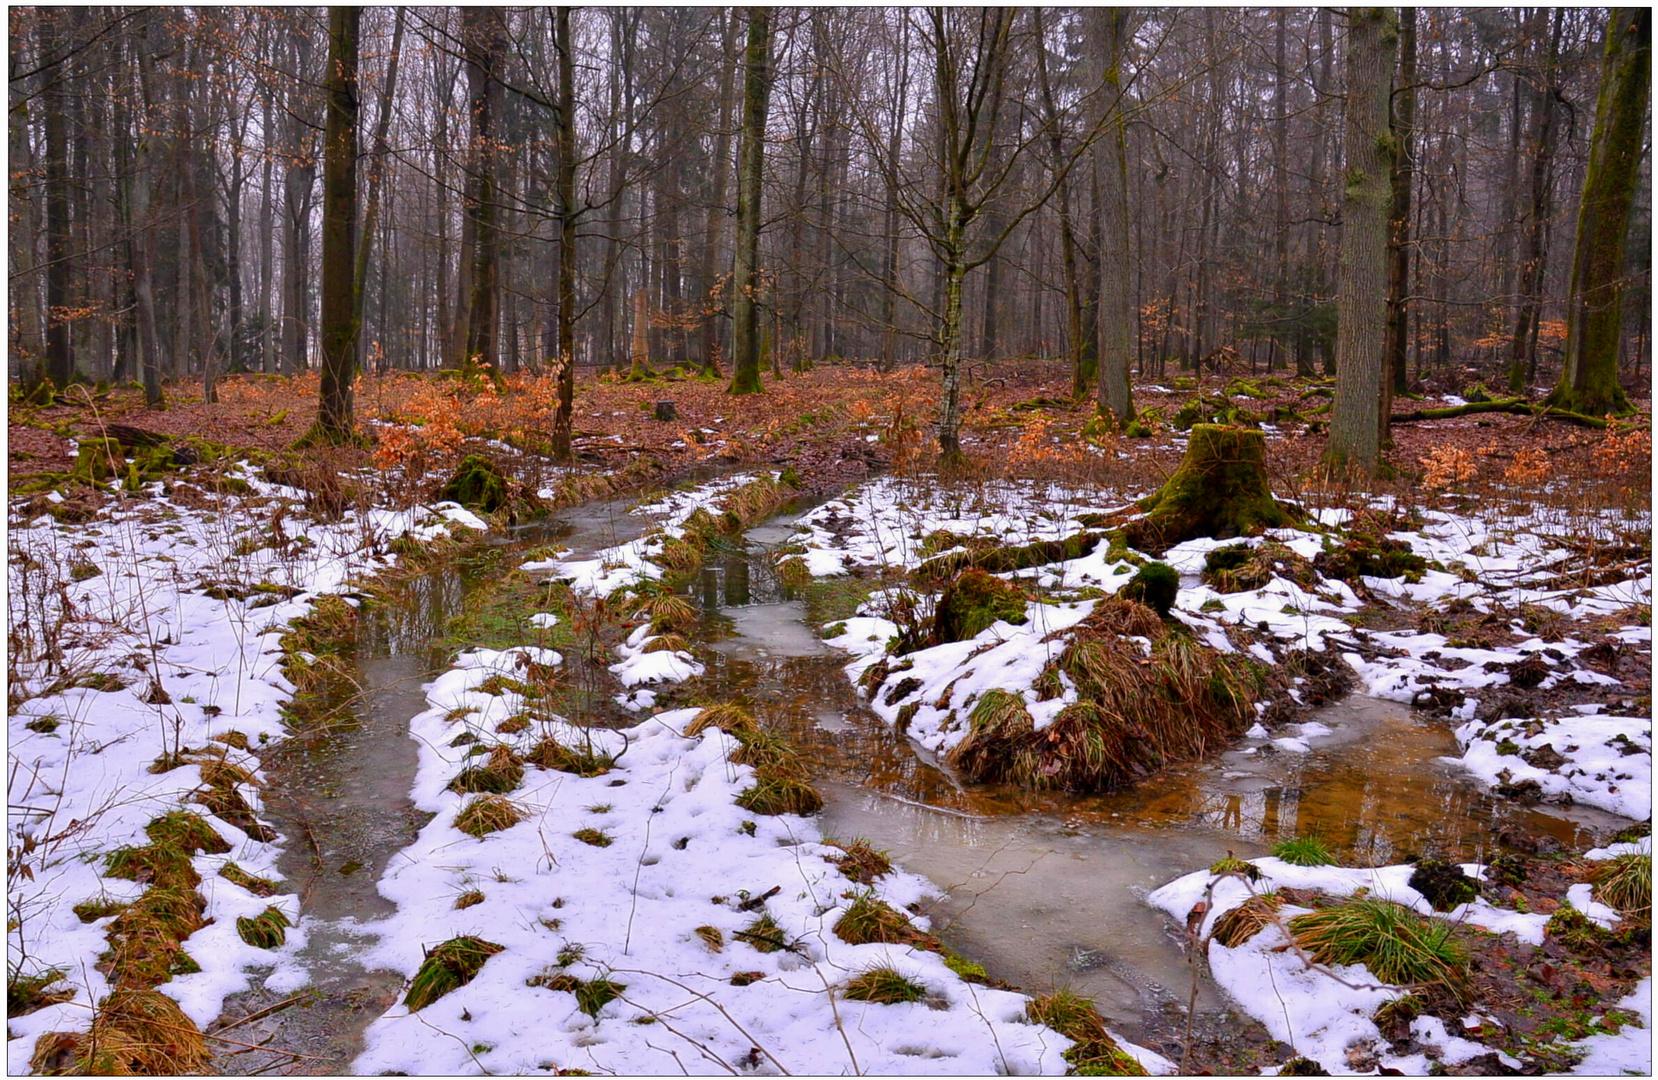 la última nieve en el bosque (der letzte Schnee im Wald)